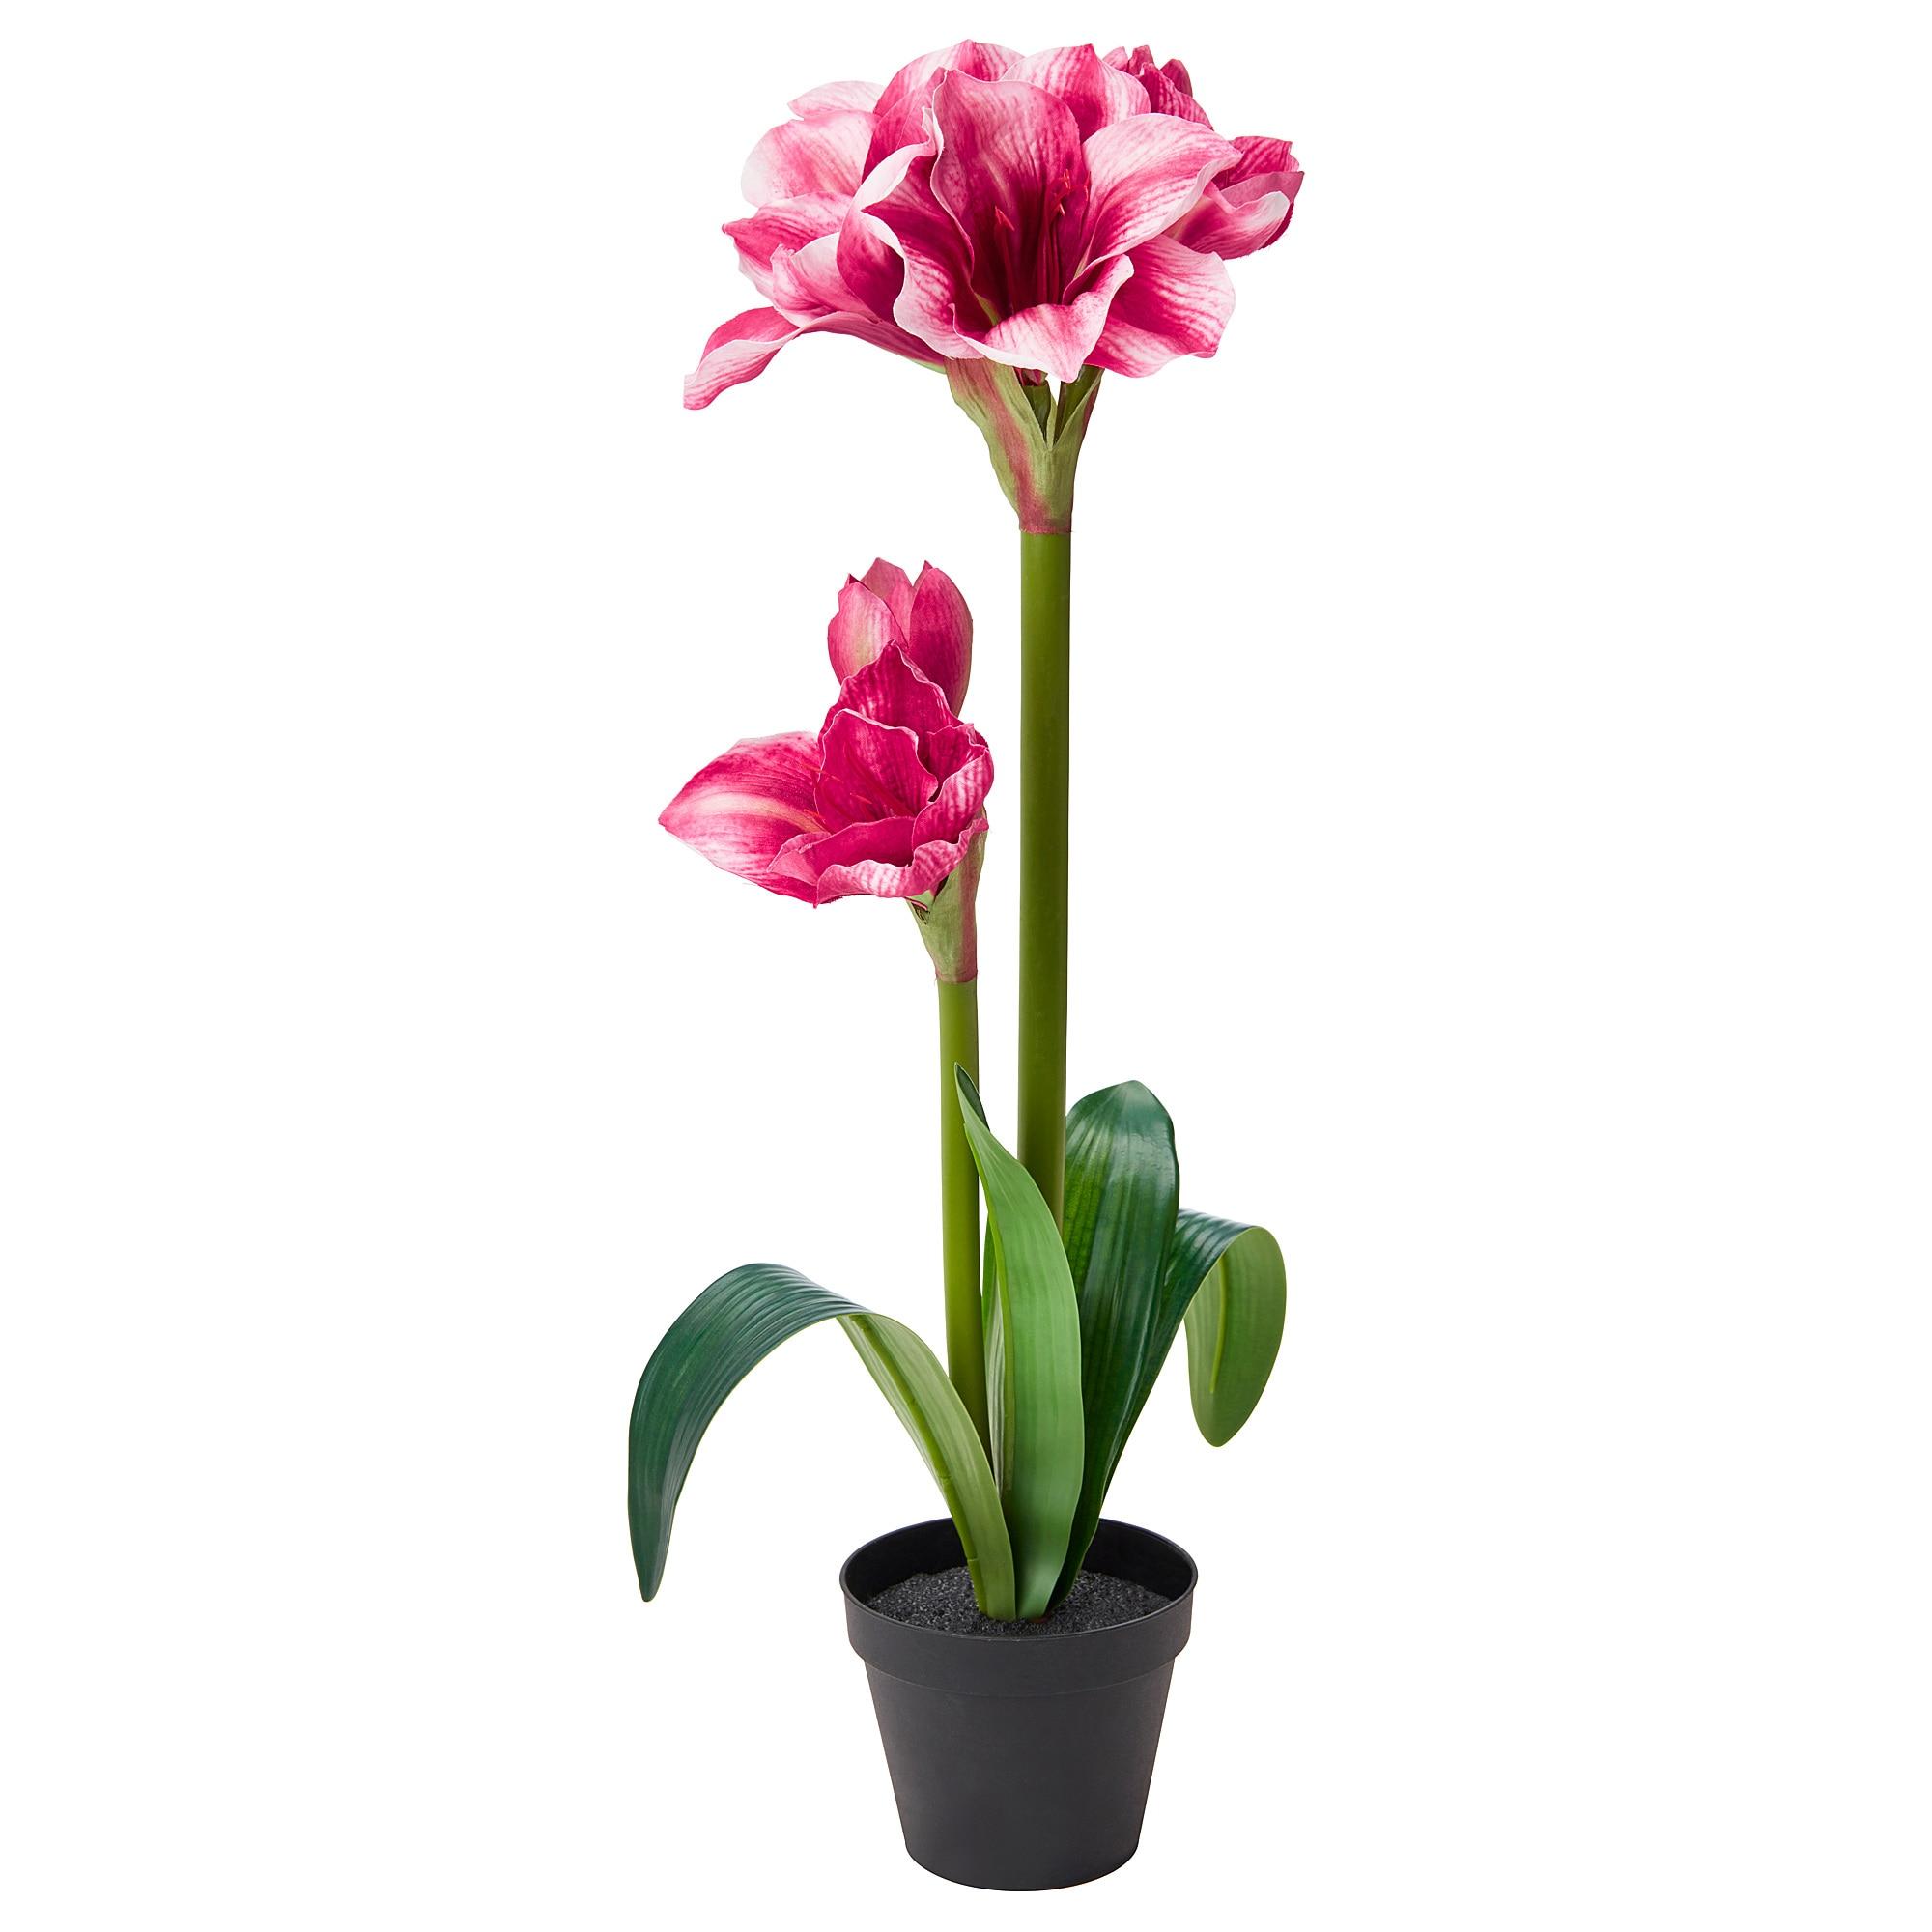 Искусственное растение в горшке ФЕЙКА розовый артикуль № 603.948.86 в наличии. Интернет сайт IKEA Беларусь. Недорогая доставка и установка.